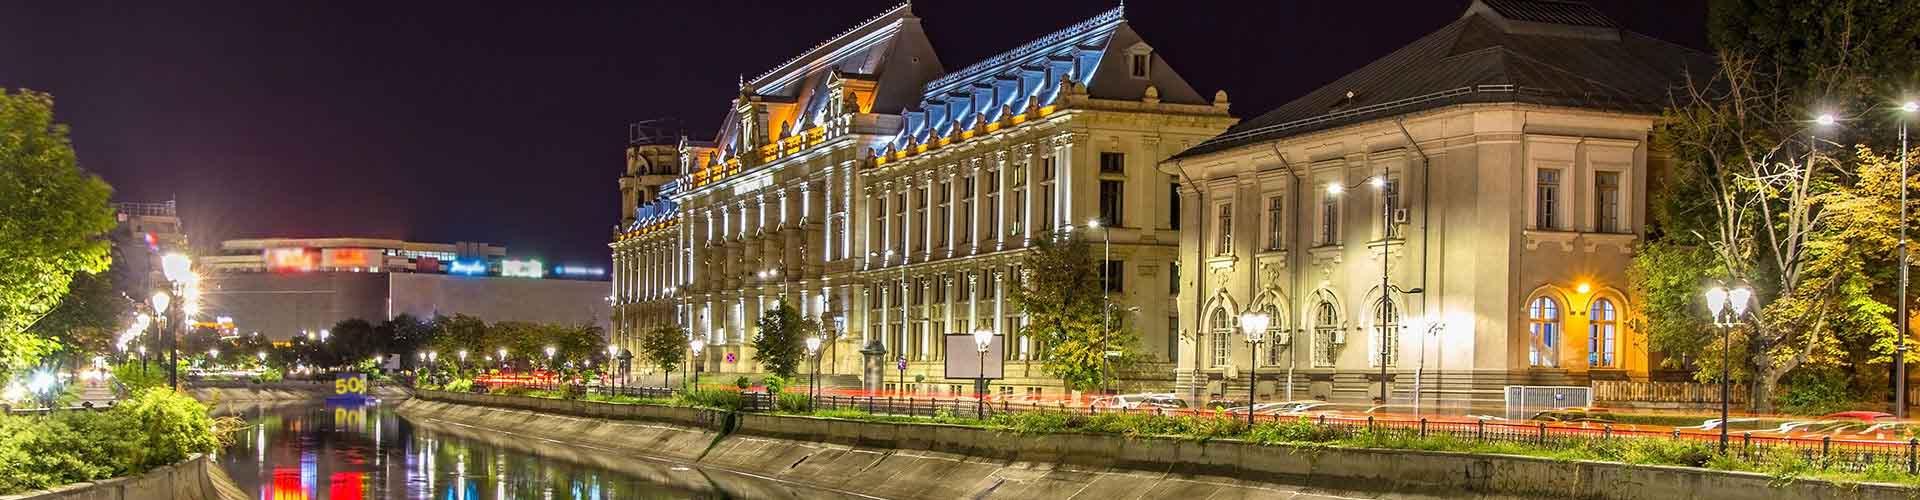 Bucarest - Auberges de jeunesse à Bucarest. Cartes pour Bucarest, photos et commentaires pour chaque auberge de jeunesse à Bucarest.